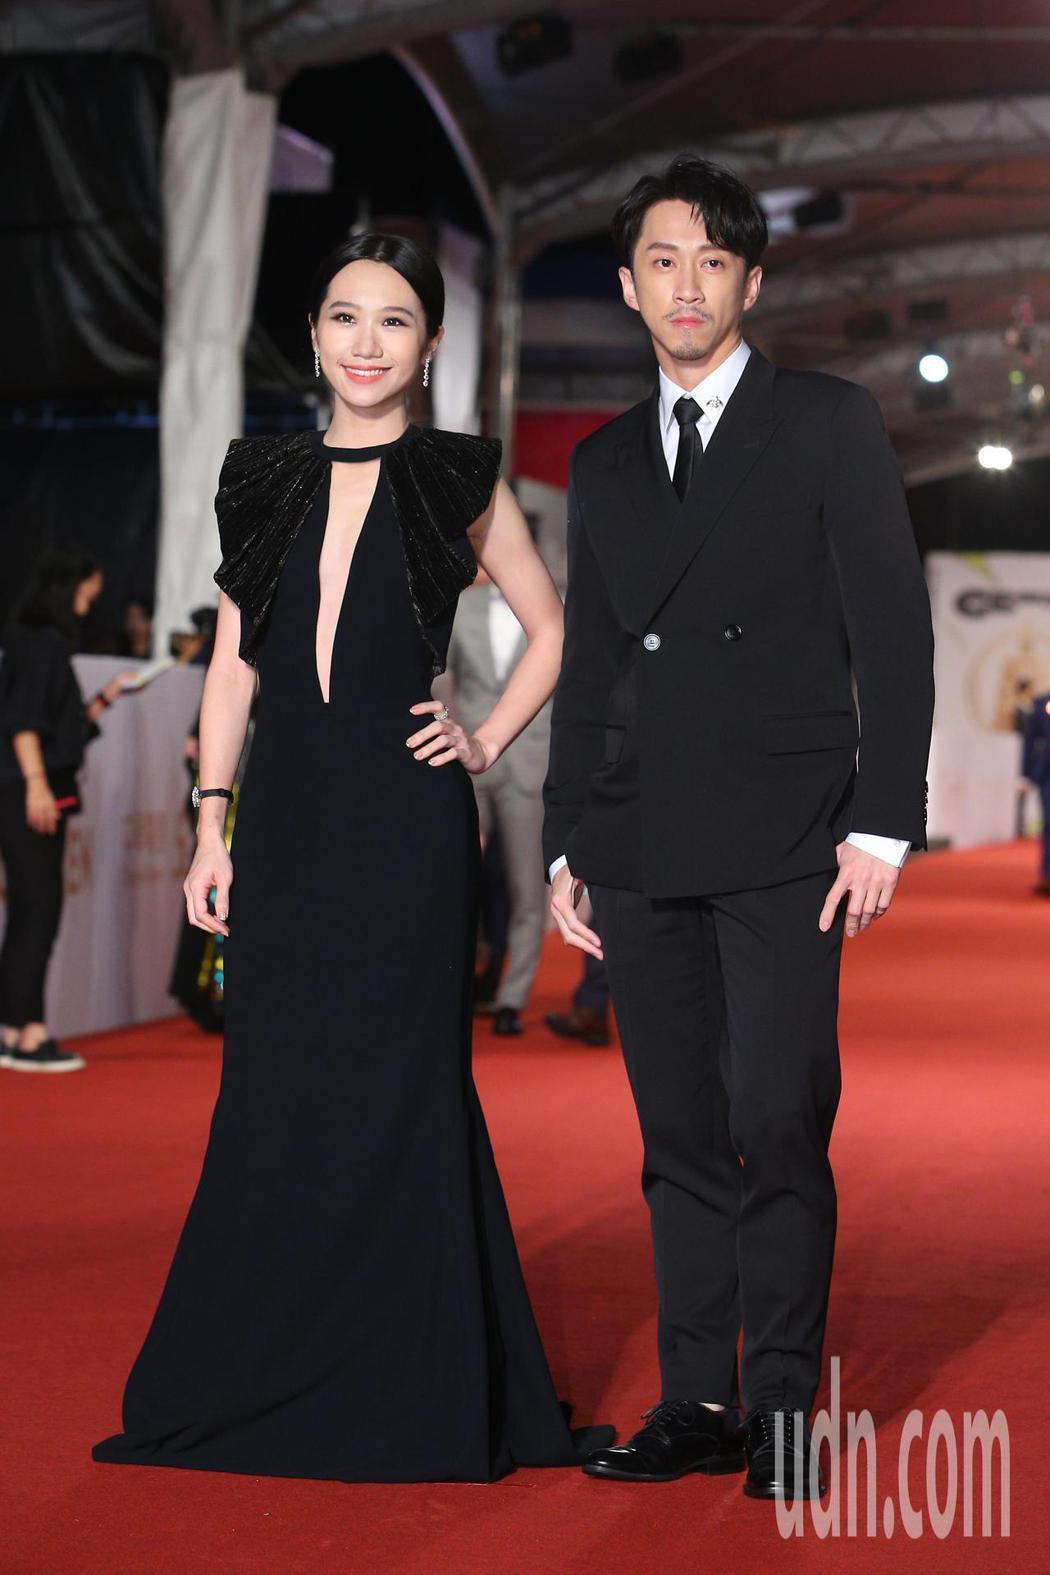 第55屆金鐘獎頒獎典禮在國父紀念館舉行,陳漢典(右)、LULU(左)走星光大道。